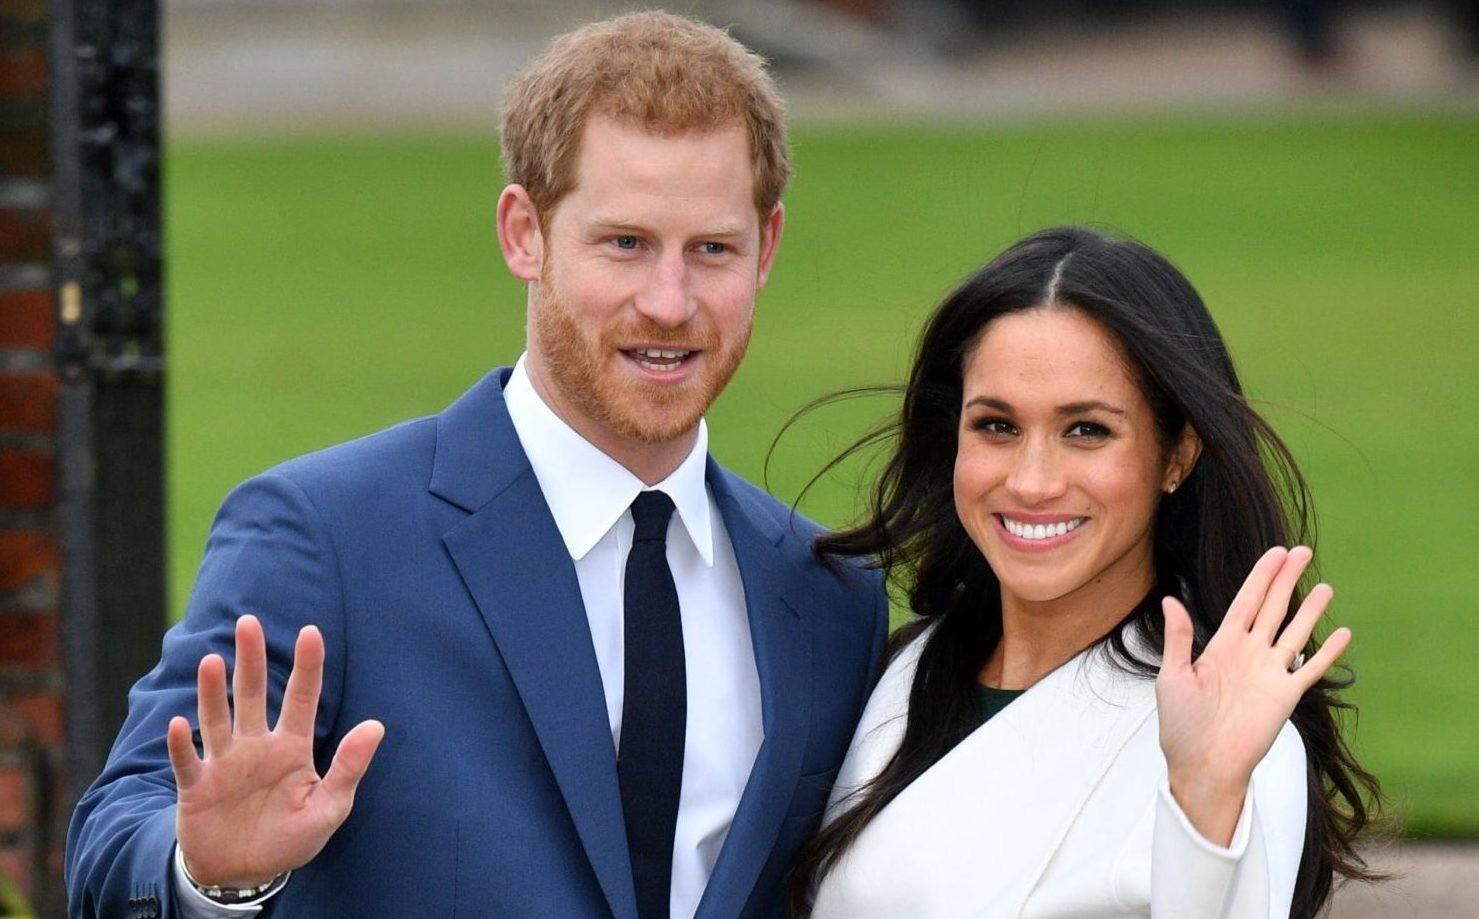 Стали известны новые подробности свадьбы принца Гарри и Меган Маркл